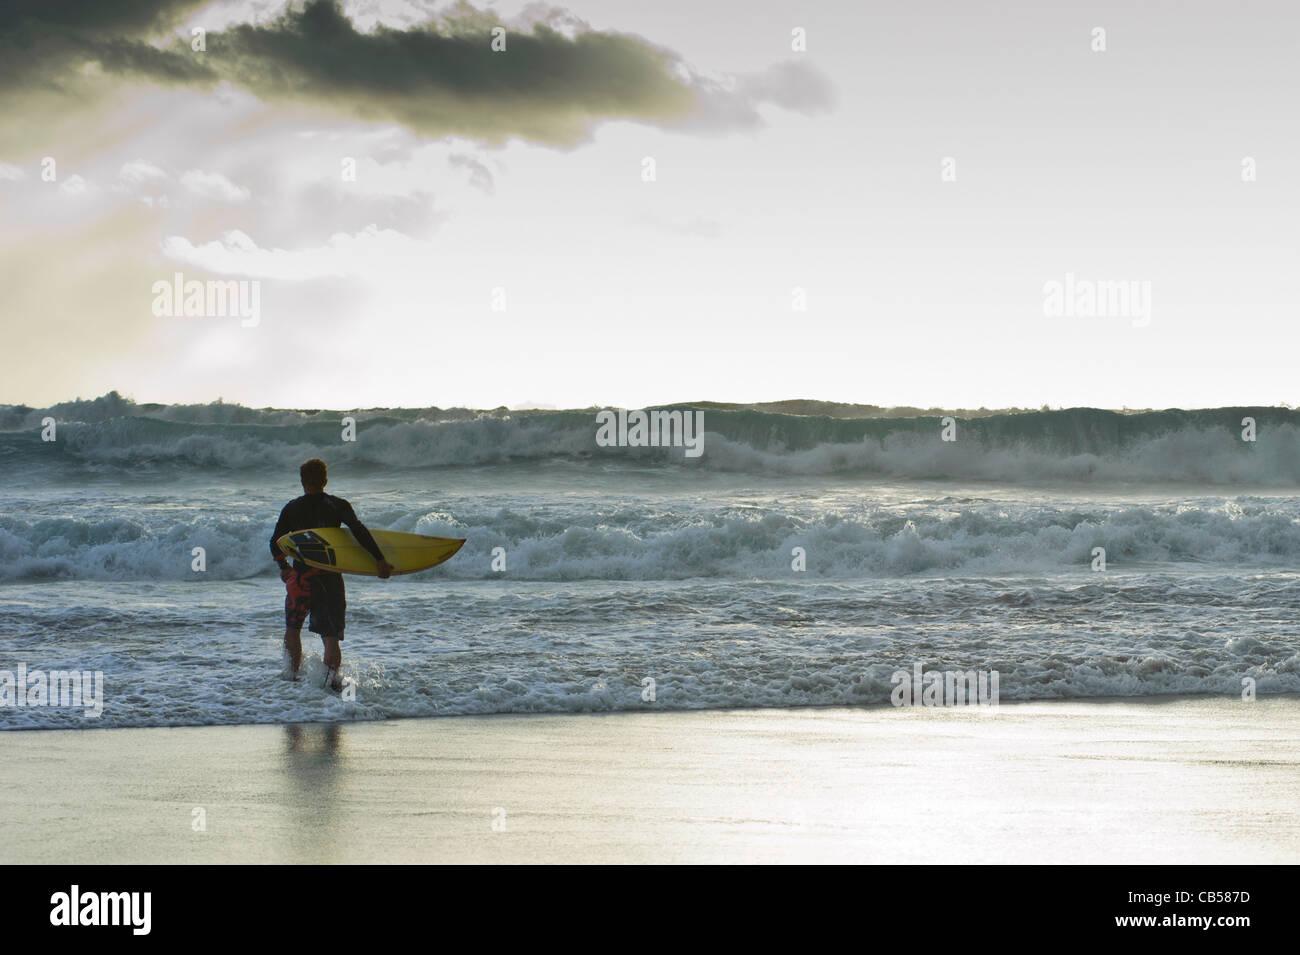 Surfer gehen ins Meer mit stürmischem Wetter Tarifa, Andalusien, Spanien Stockbild